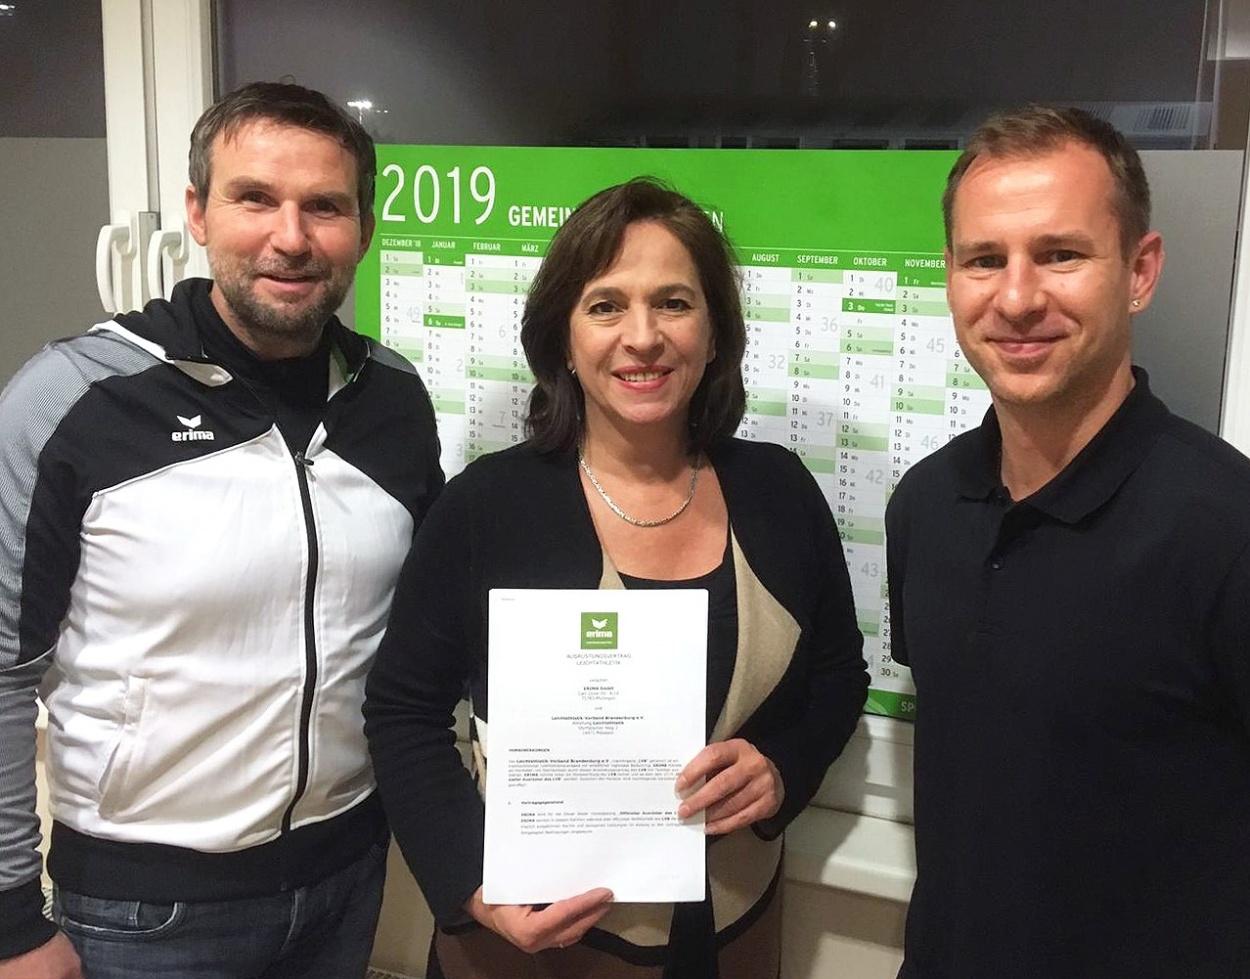 Brandenburgischer Leichtathletik-Verband vertraut ab sofort auf die Kompetenz von ERIMA